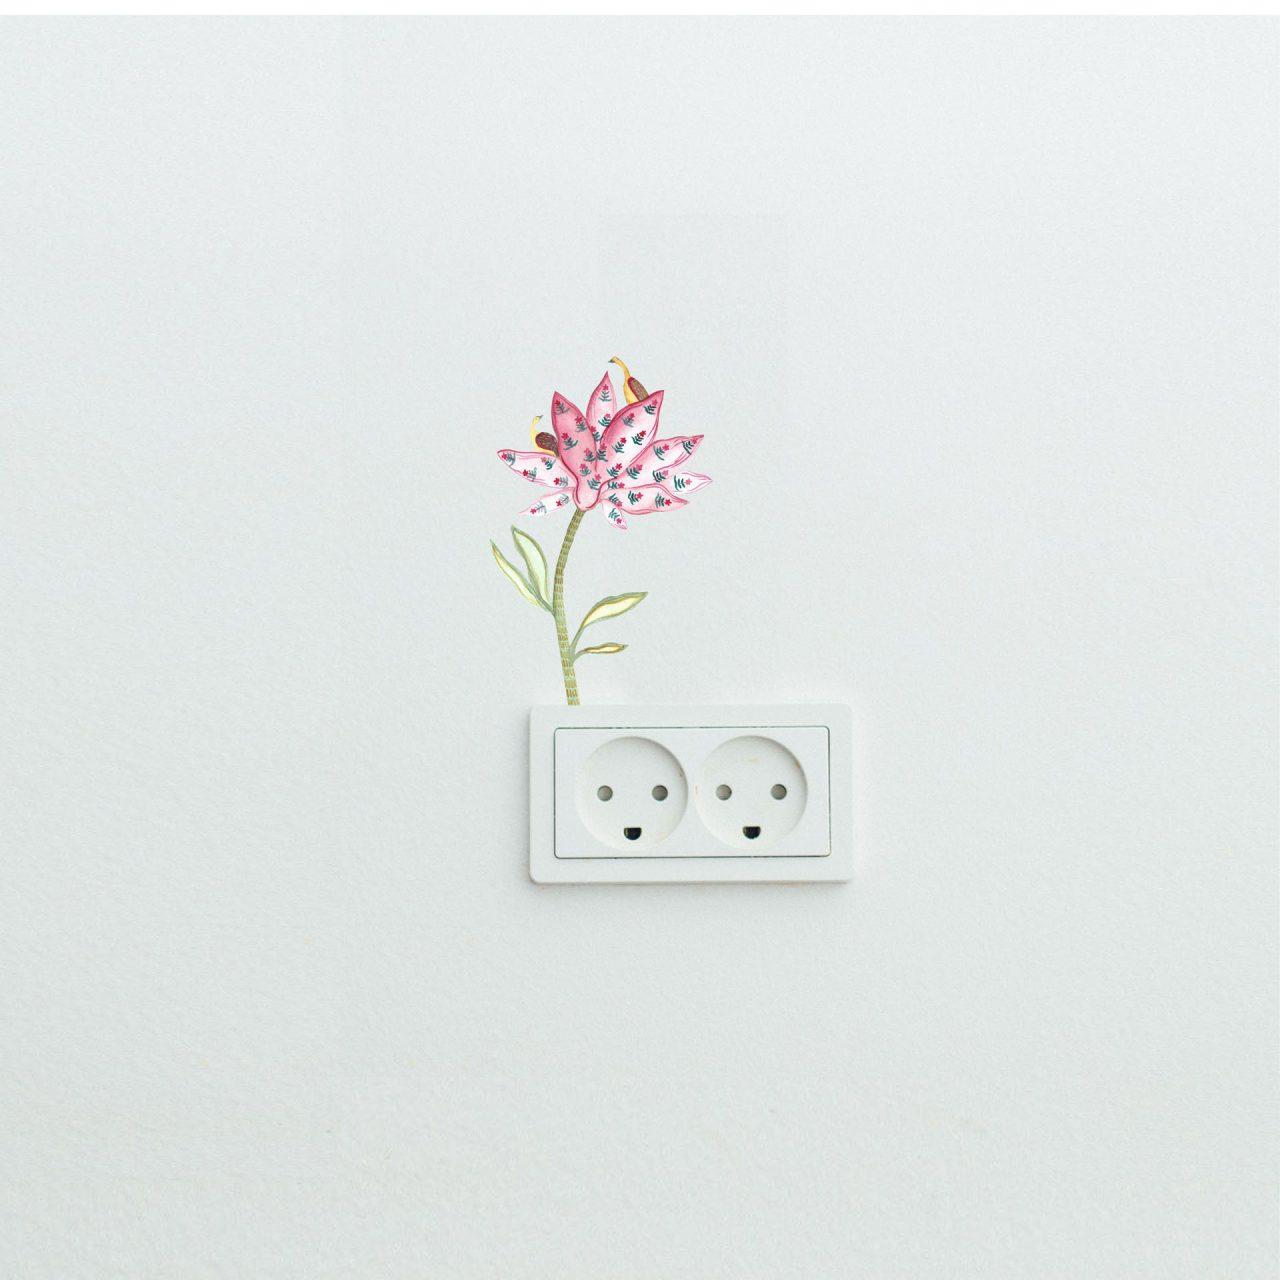 Wild Flower Decal